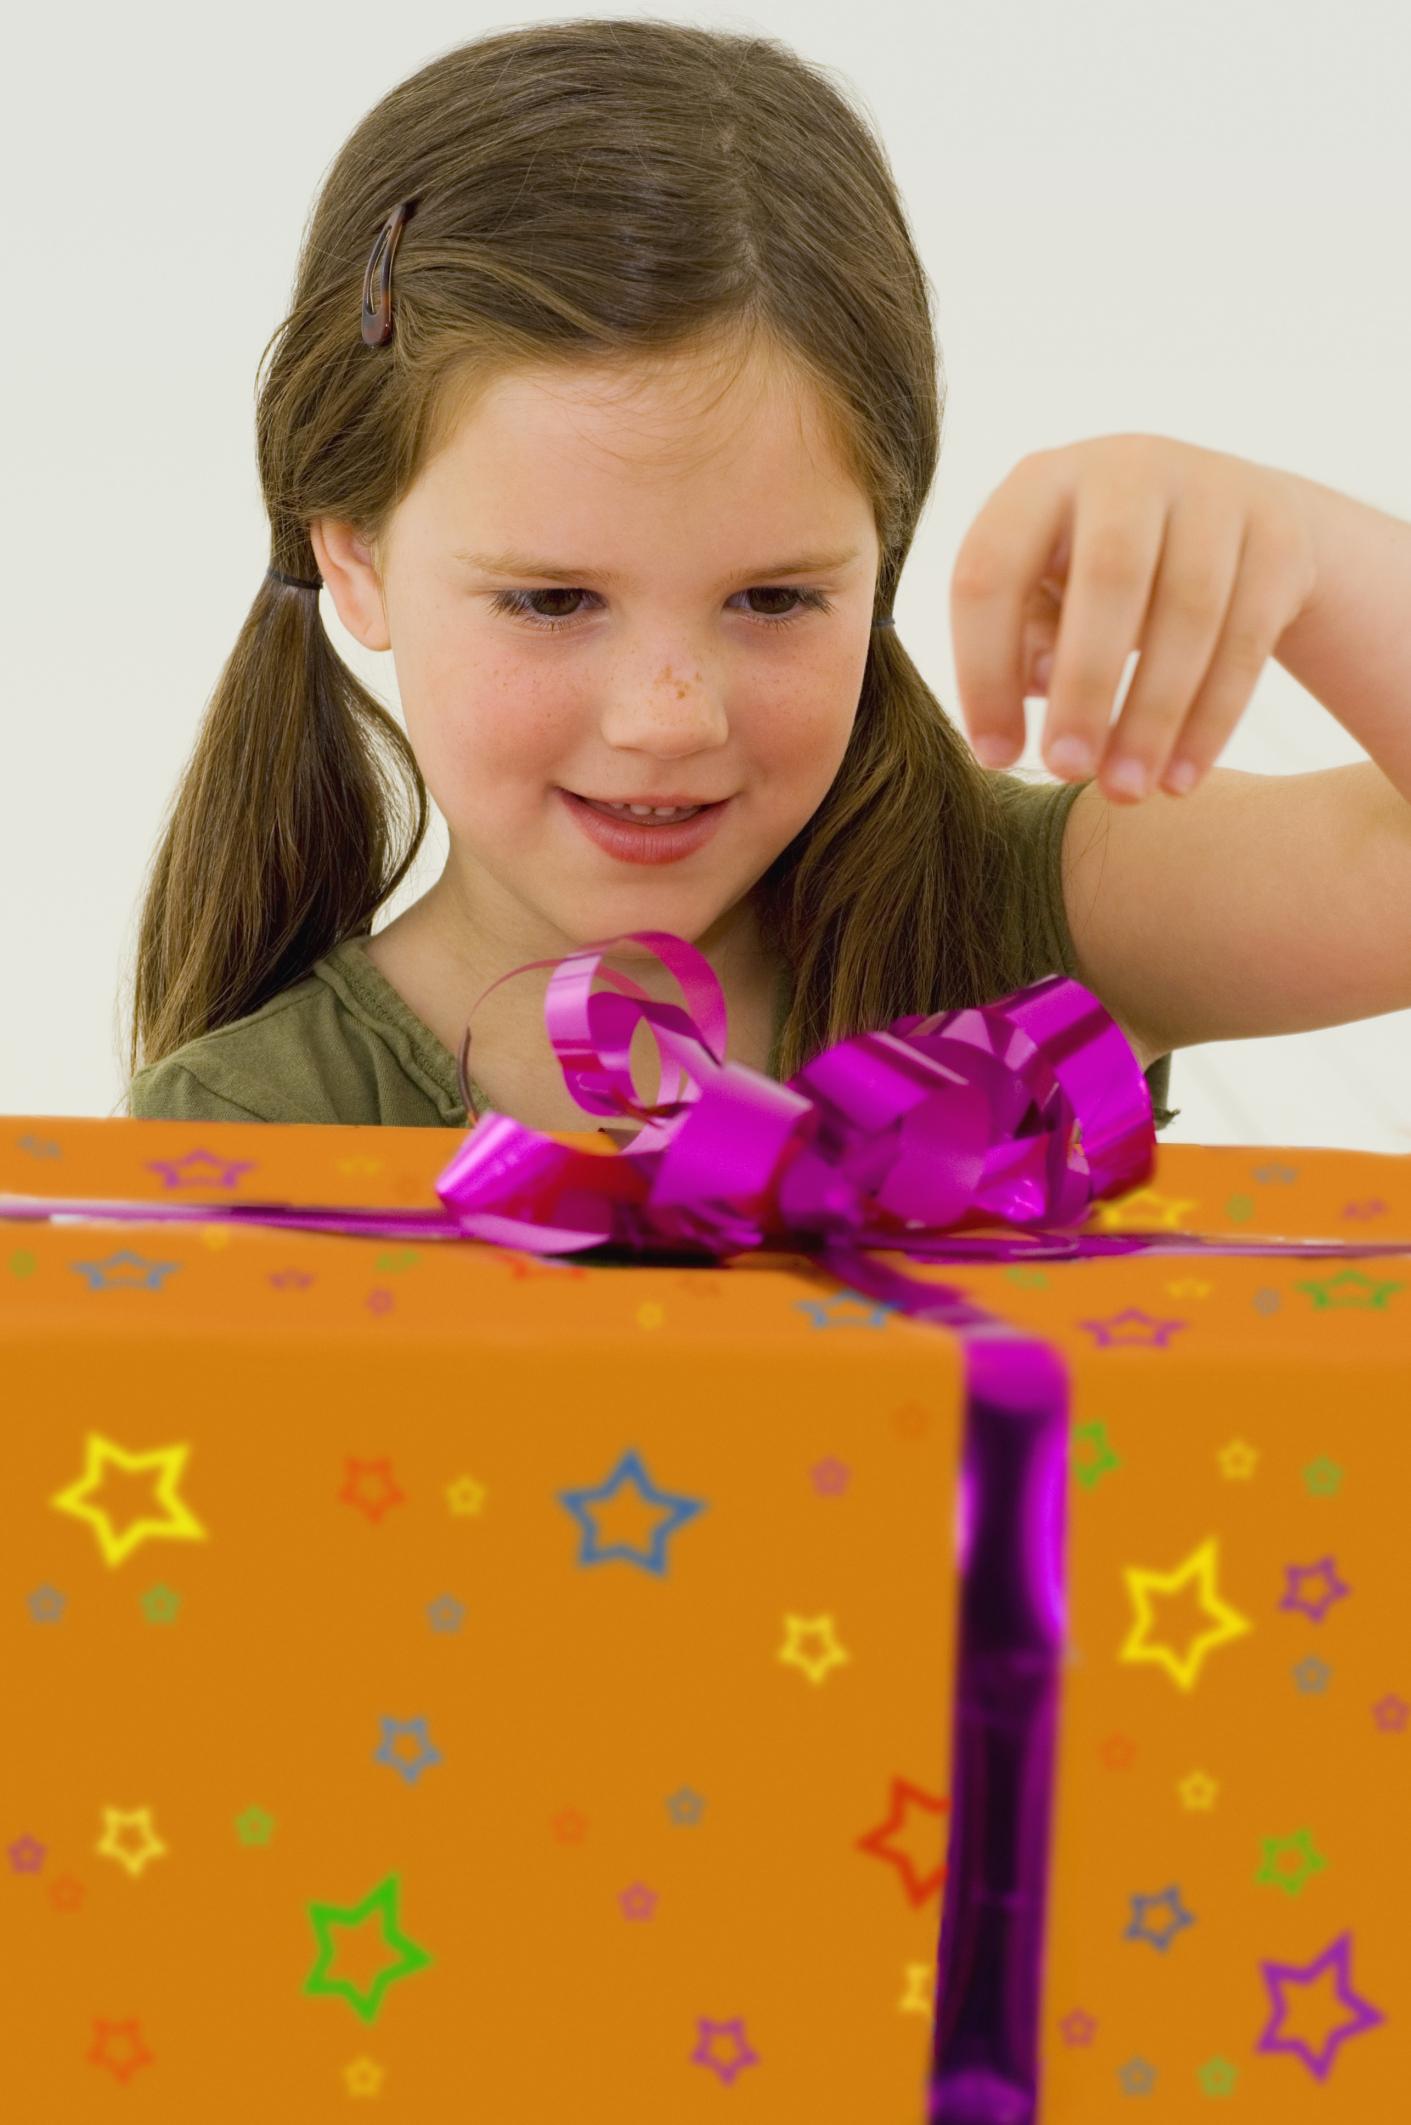 Подарок ребенку 10 лет. Что подарить девочке 10 лет 11